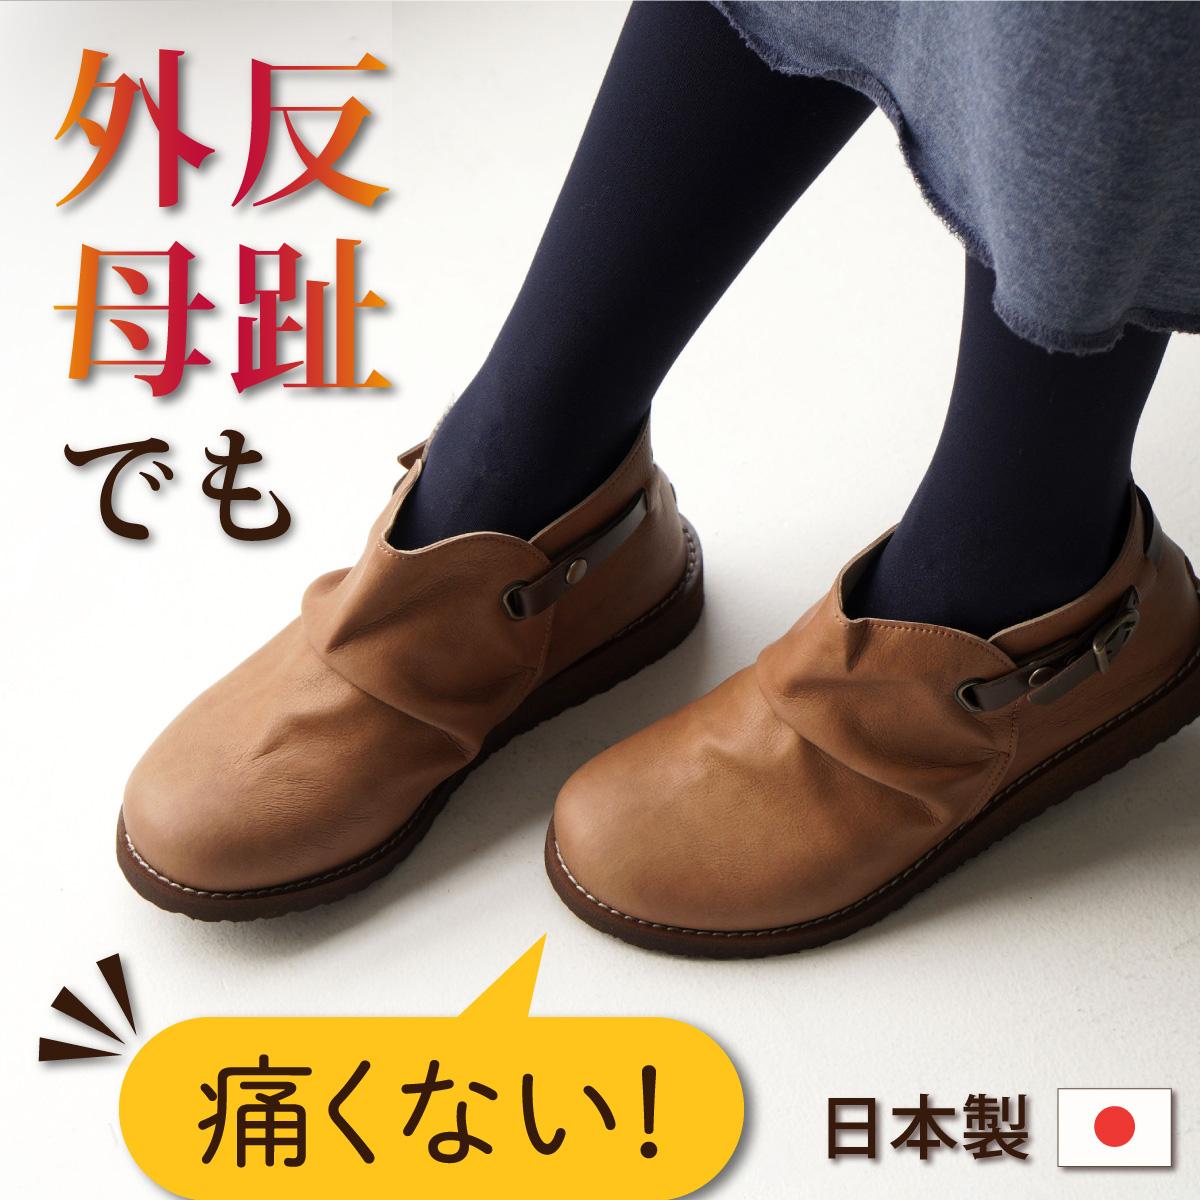 くしゅくしゅブーティ コンフォートシューズ 売れ筋ランキング マミー ショートブーツ 日本製 婦人靴 ハイカット レディース 旅行 MOMMY やさしい靴工房 希望者のみラッピング無料